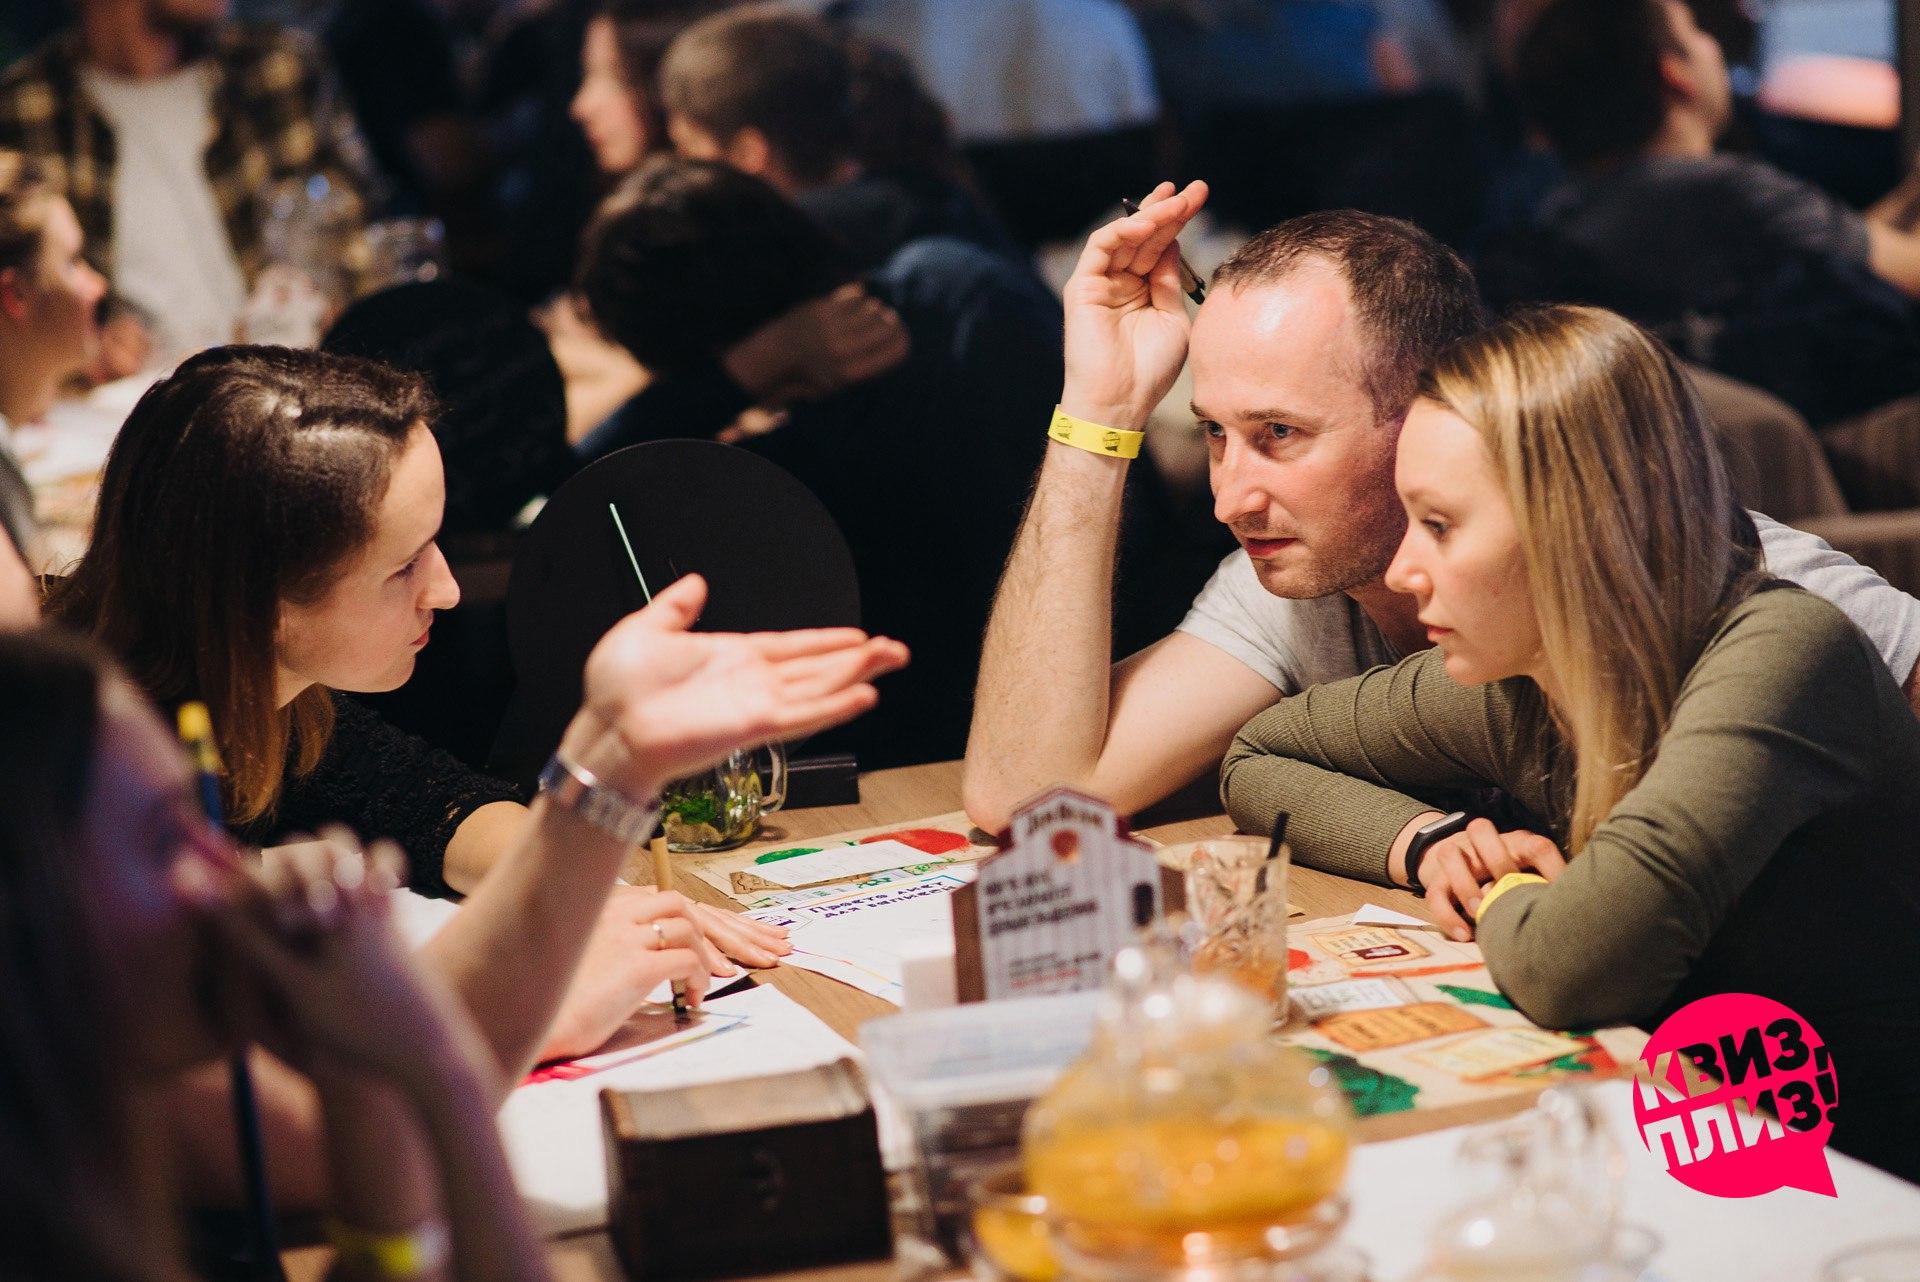 Интеллектуальная игра квиз — тренируем смекалку за кружкой пива